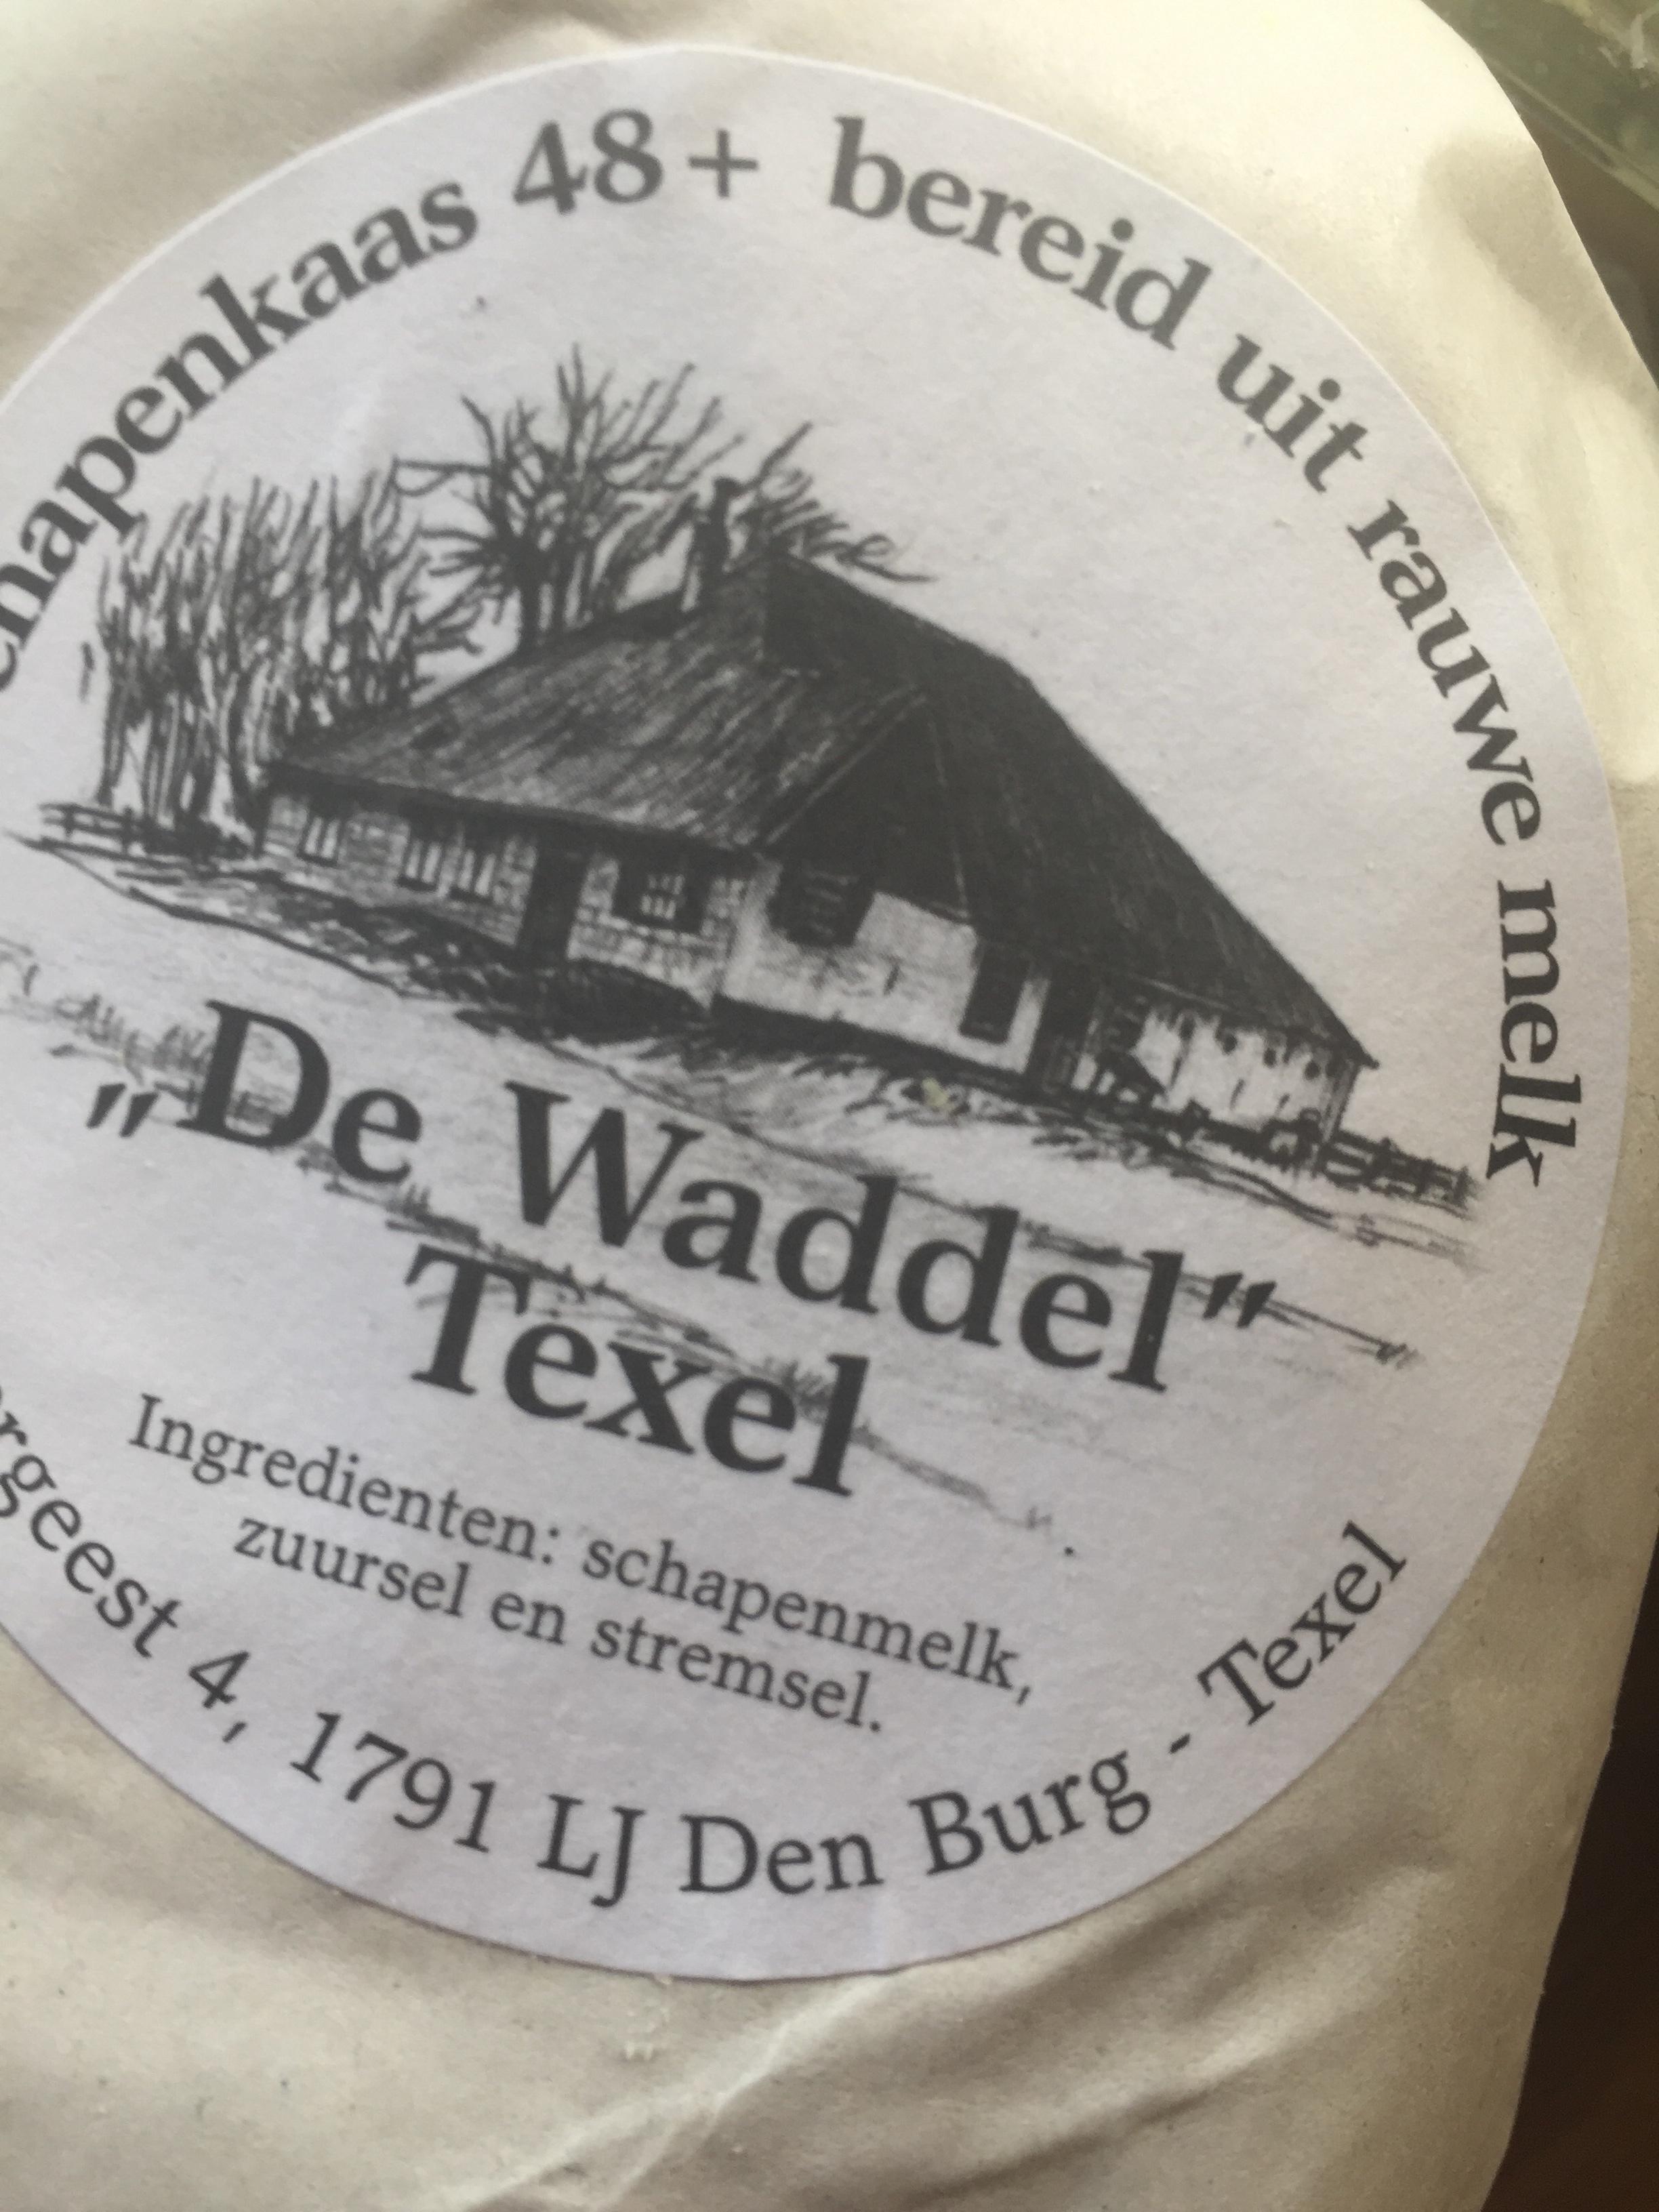 Schapenkaas de Waddel VVV Texel Fotograaf Annette van Ruitenburg